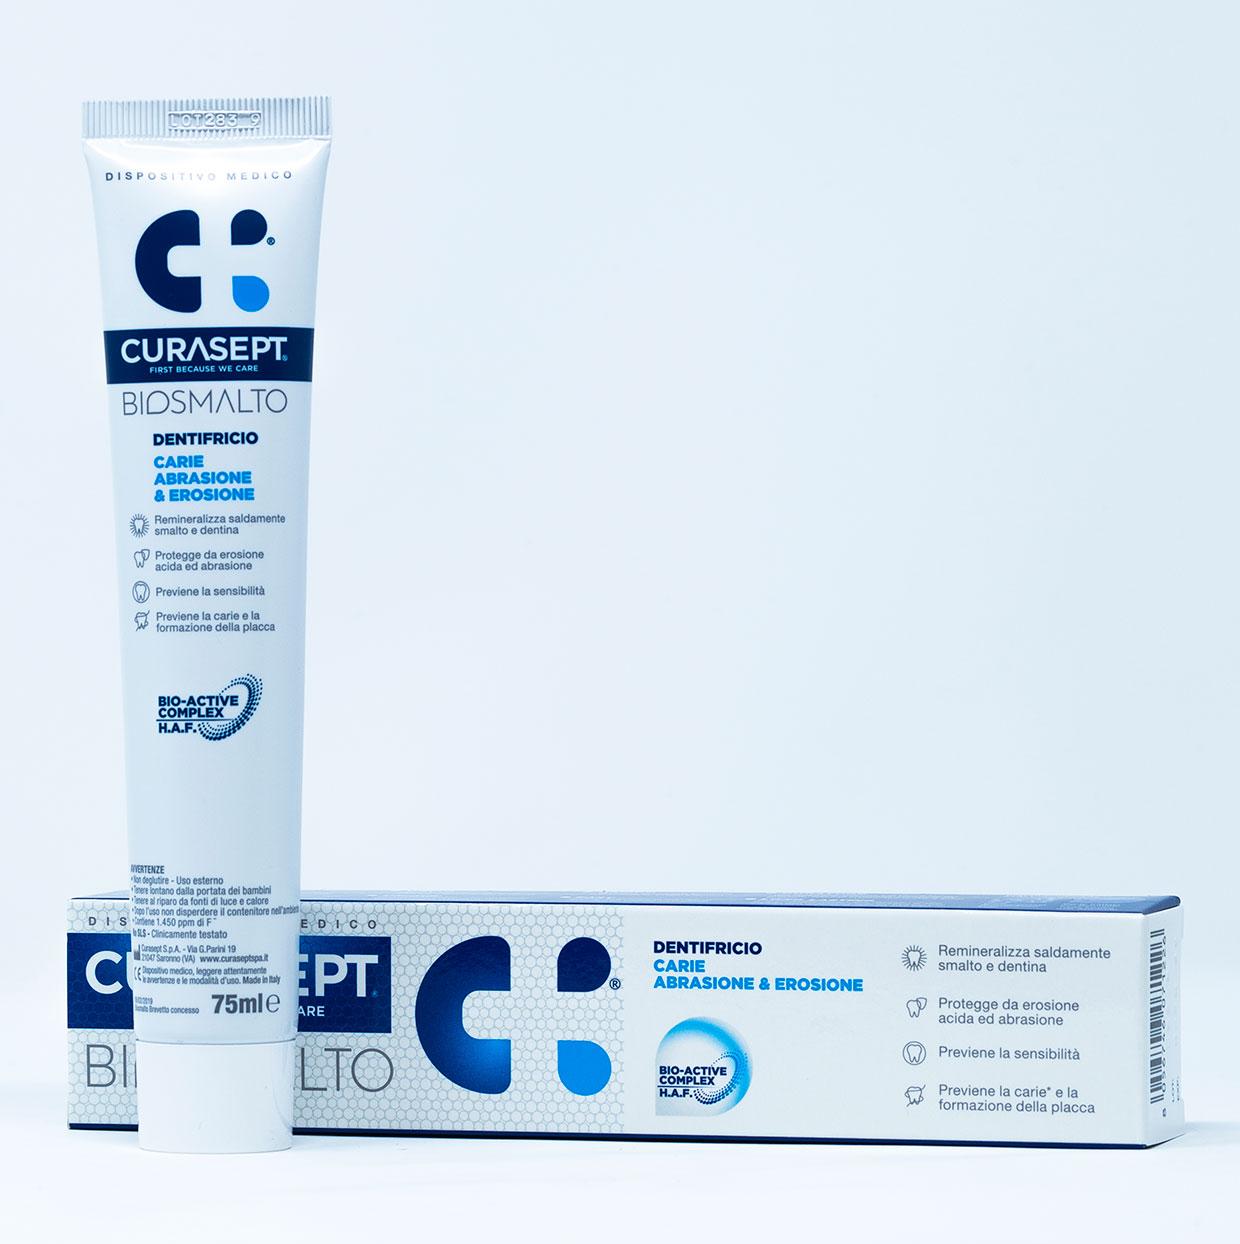 Curasept Biosmalto Dentifricio Carie, Abrasione, Erosione – 75 ml